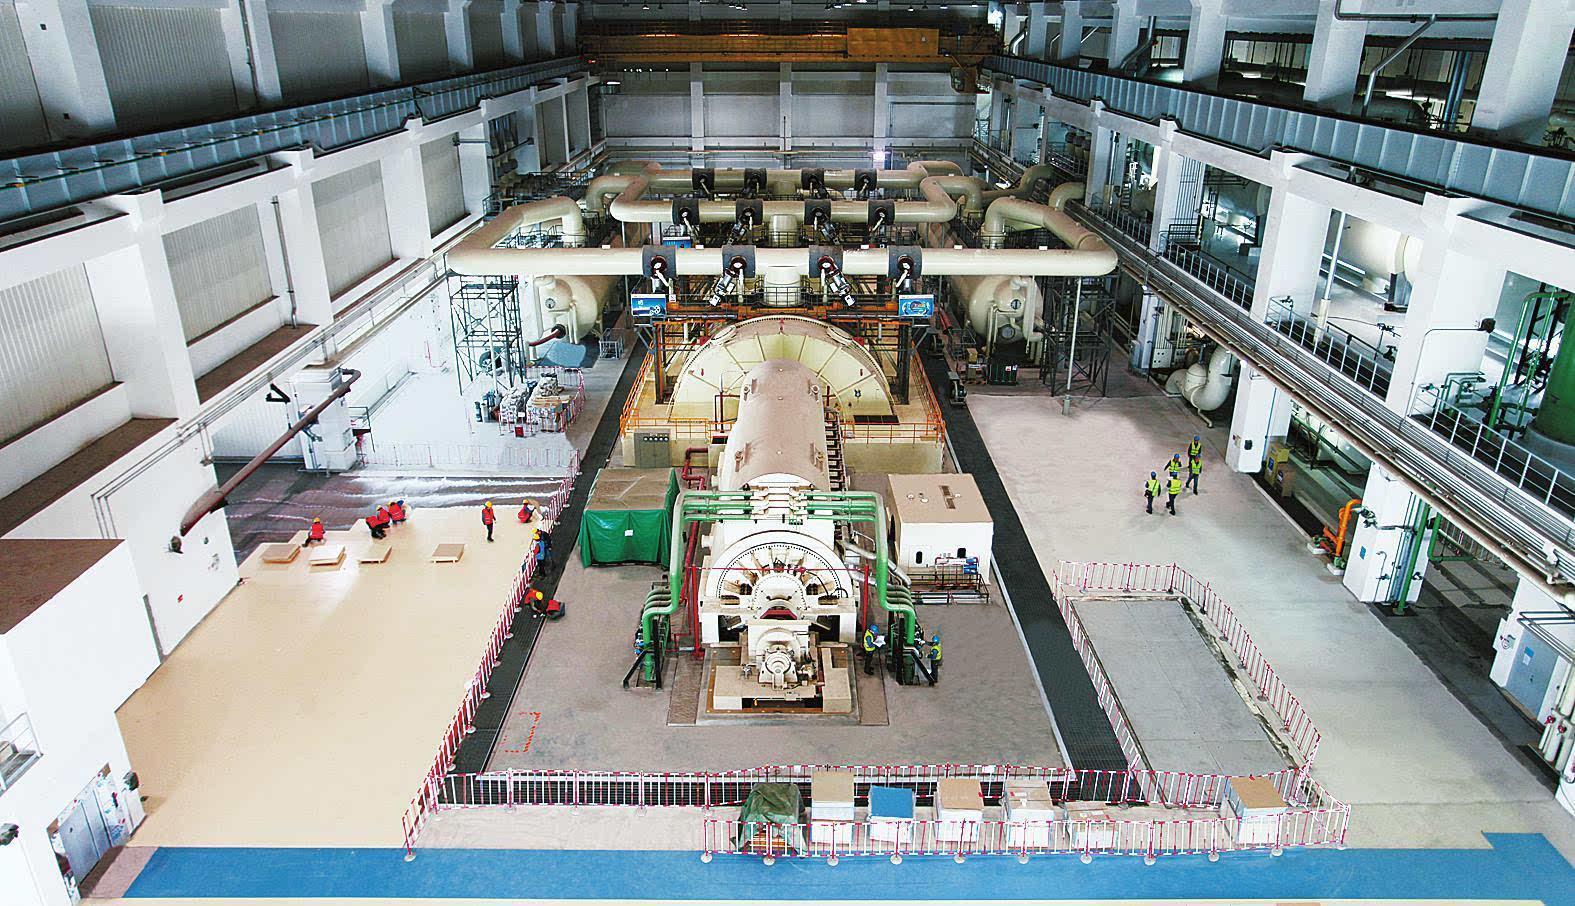 2015年12月23日2时56分,山东海阳核电项目一期工程1号机组凝汽器抽